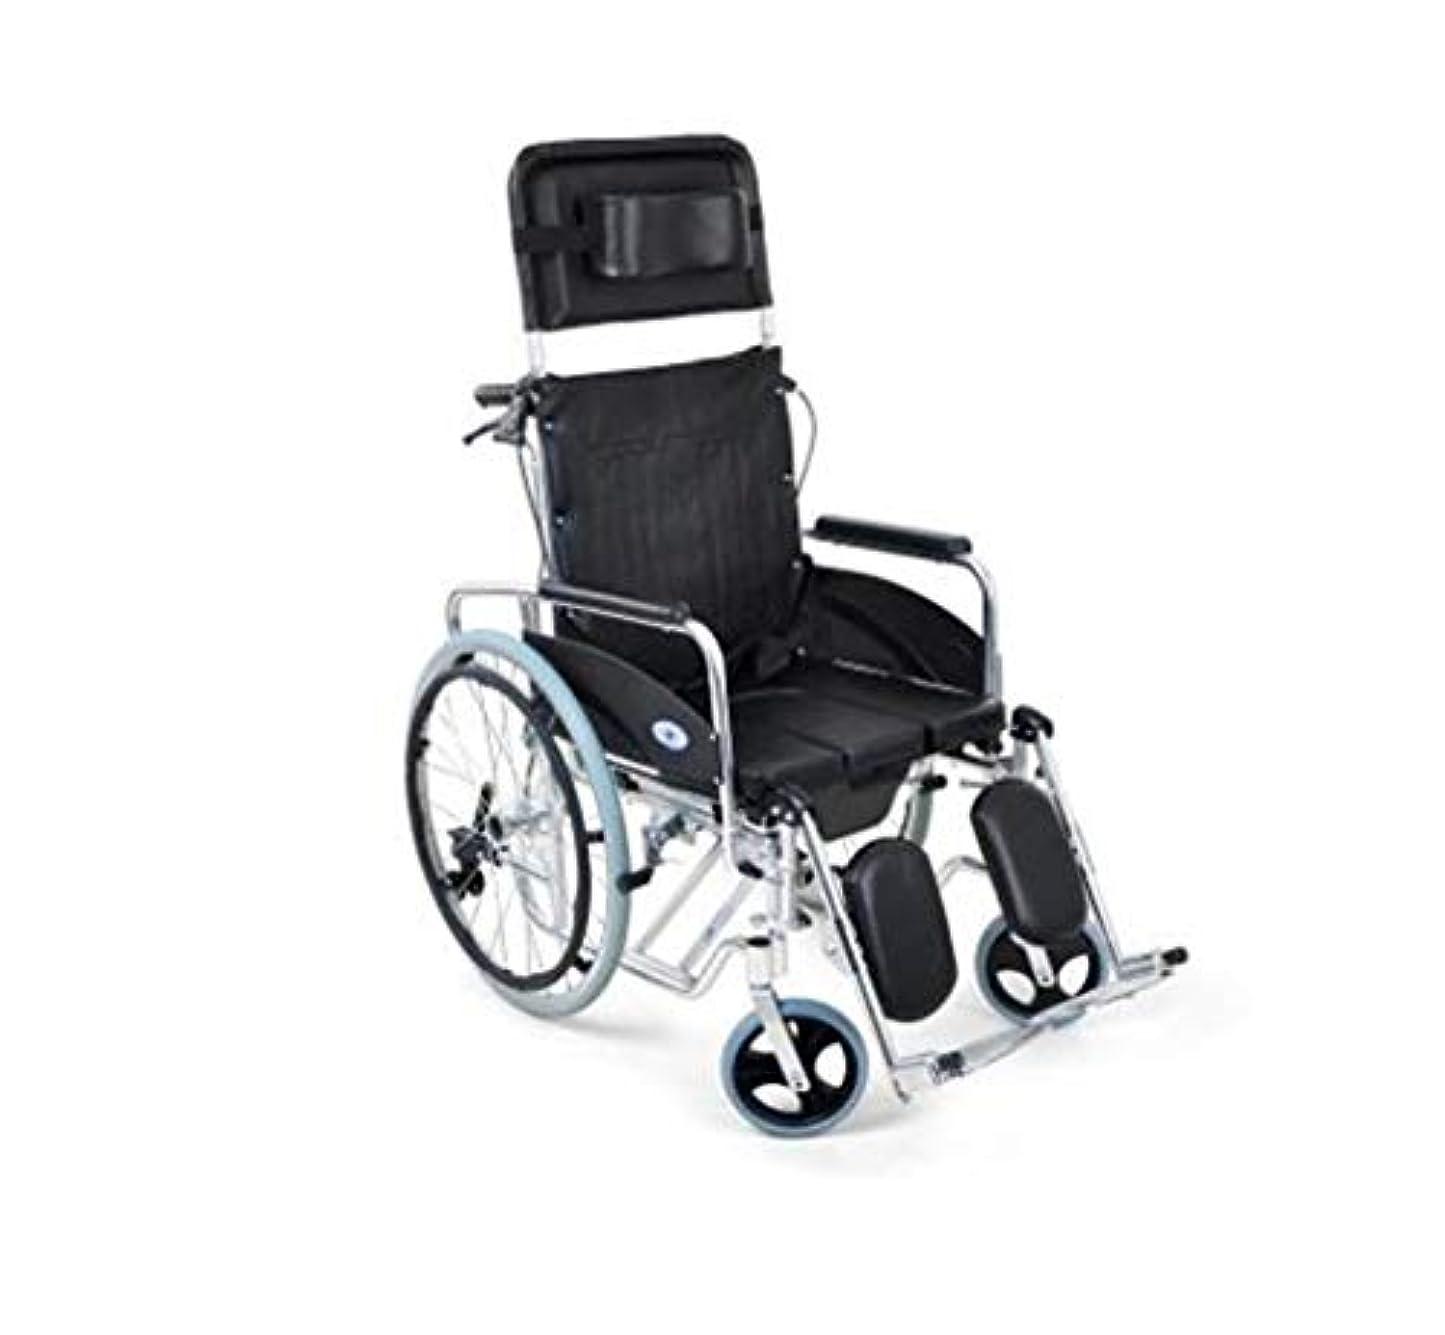 消費充実しなければならない手動車椅子アルミ合金ライトチェア、ハイバックフルリクライニング高齢者車椅子、老人屋外ヘルパー